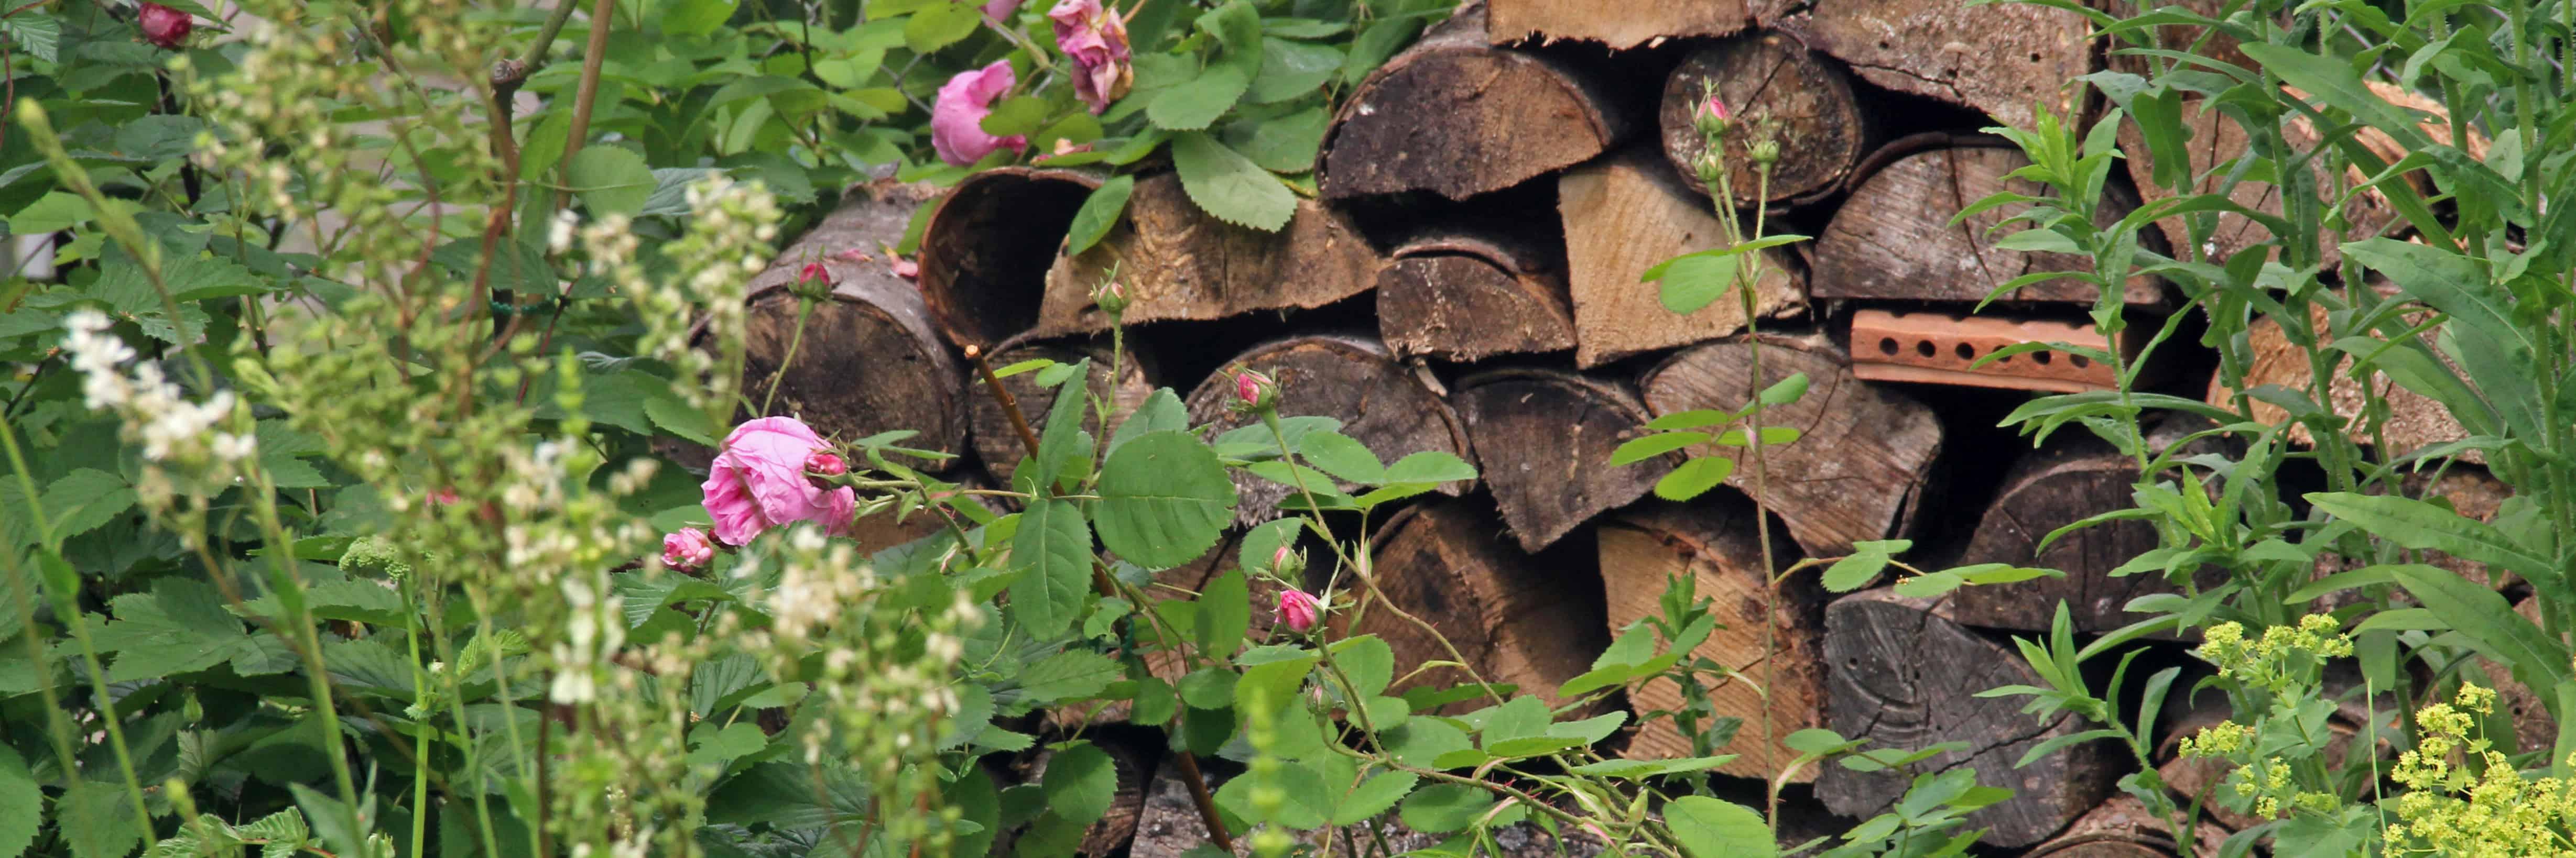 Foto1_Titelbild_3016-13Holzstapel_3-1_CDG Kopie